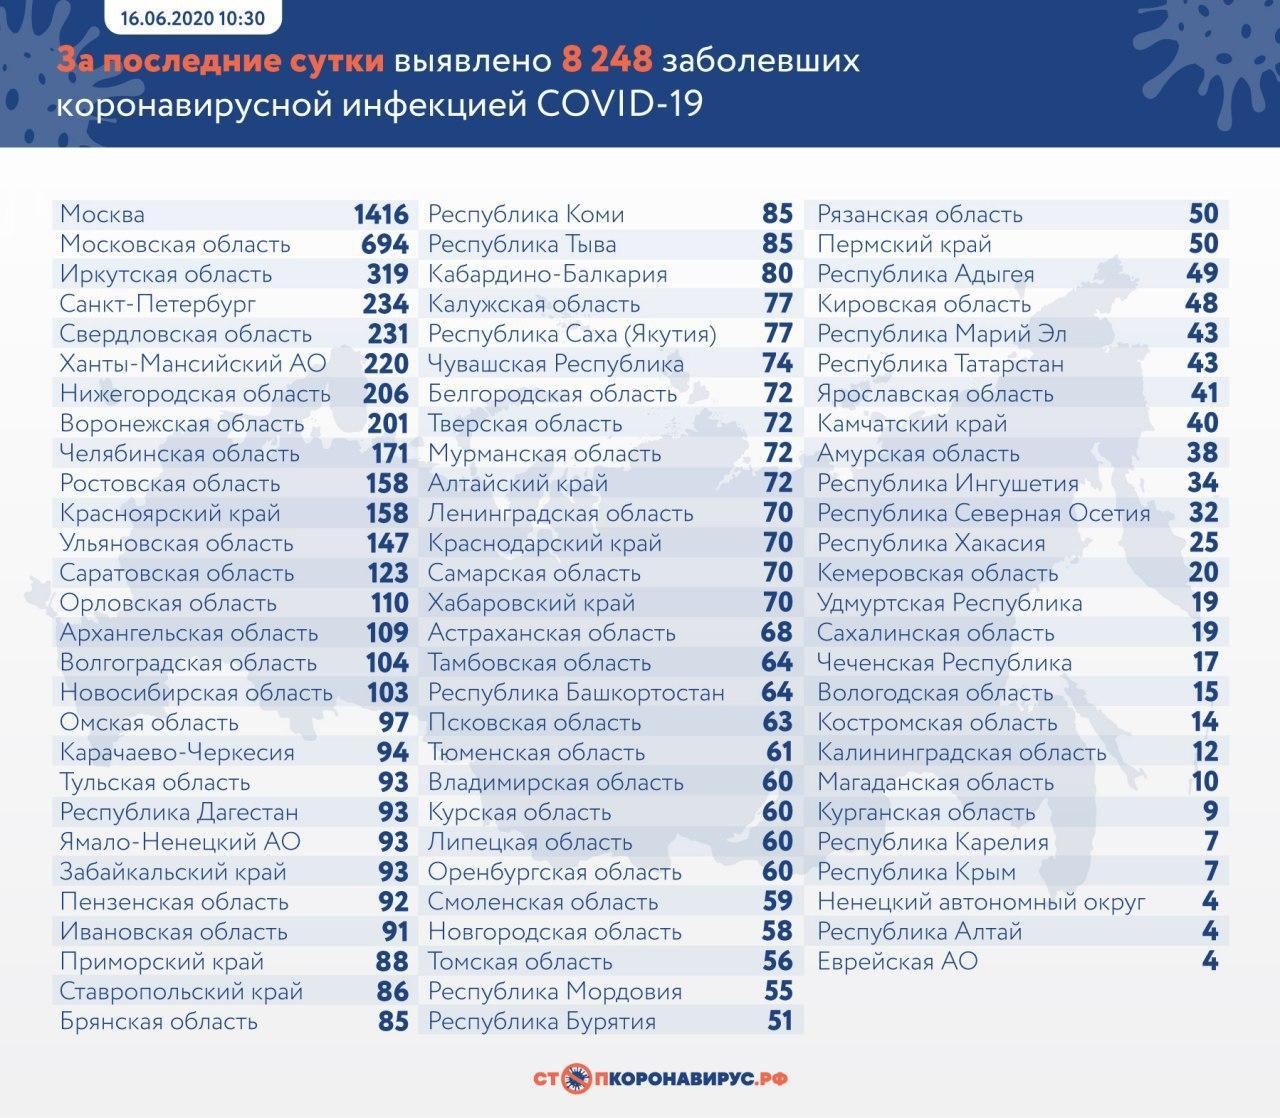 Свыше 8,2 тысячи заболевших коронавирусом выявили в РФ за прошедшие 24 часа